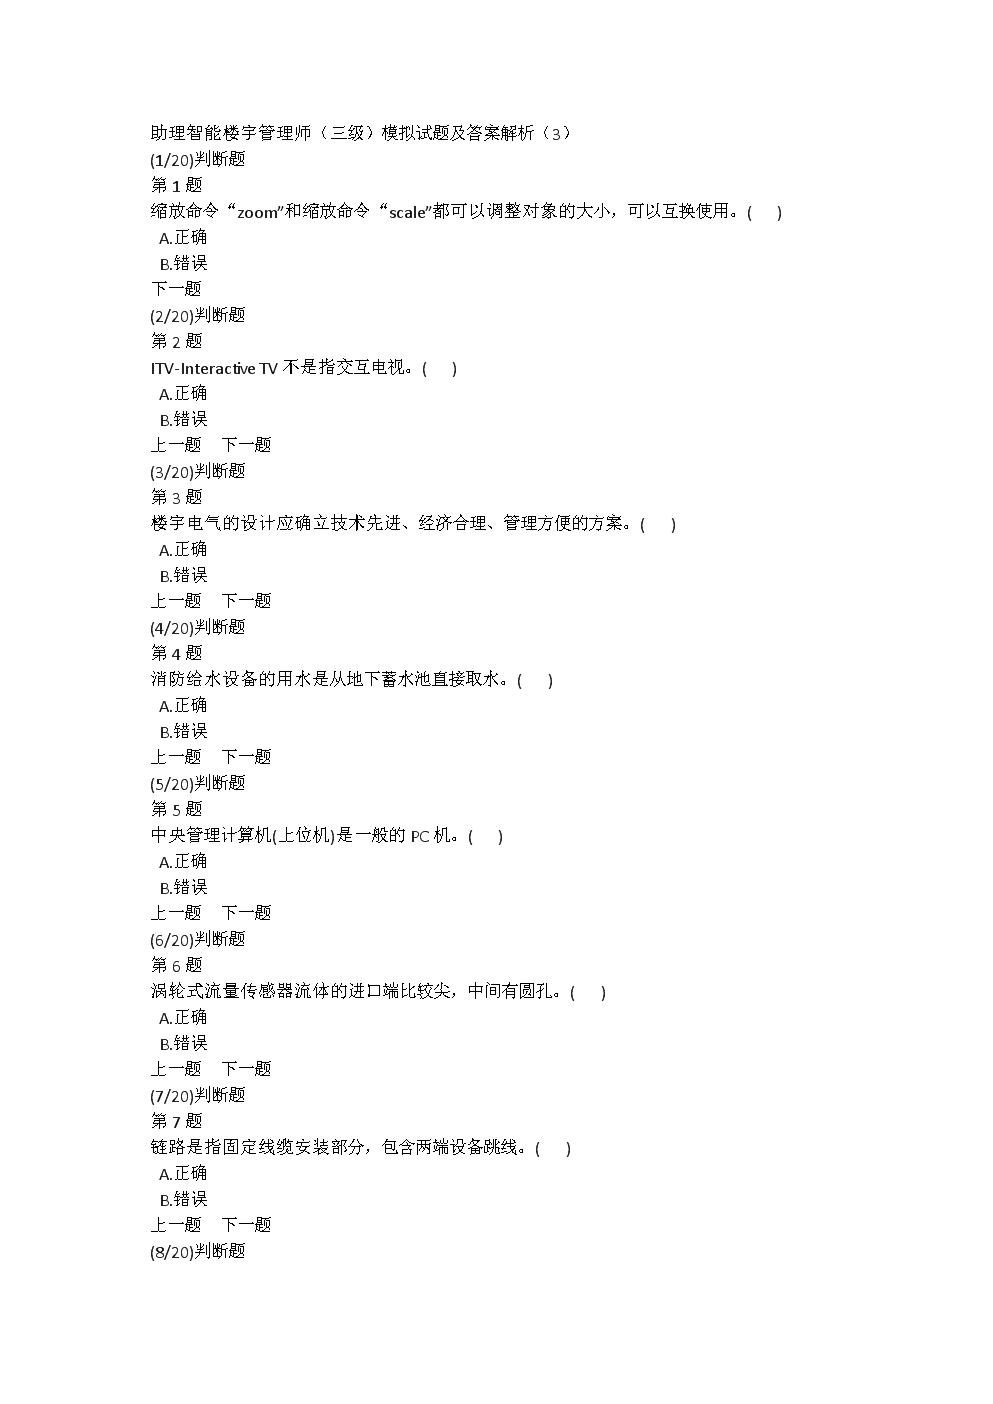 助理智能楼宇管理师(三级)模拟试题及答案解析(3).docx